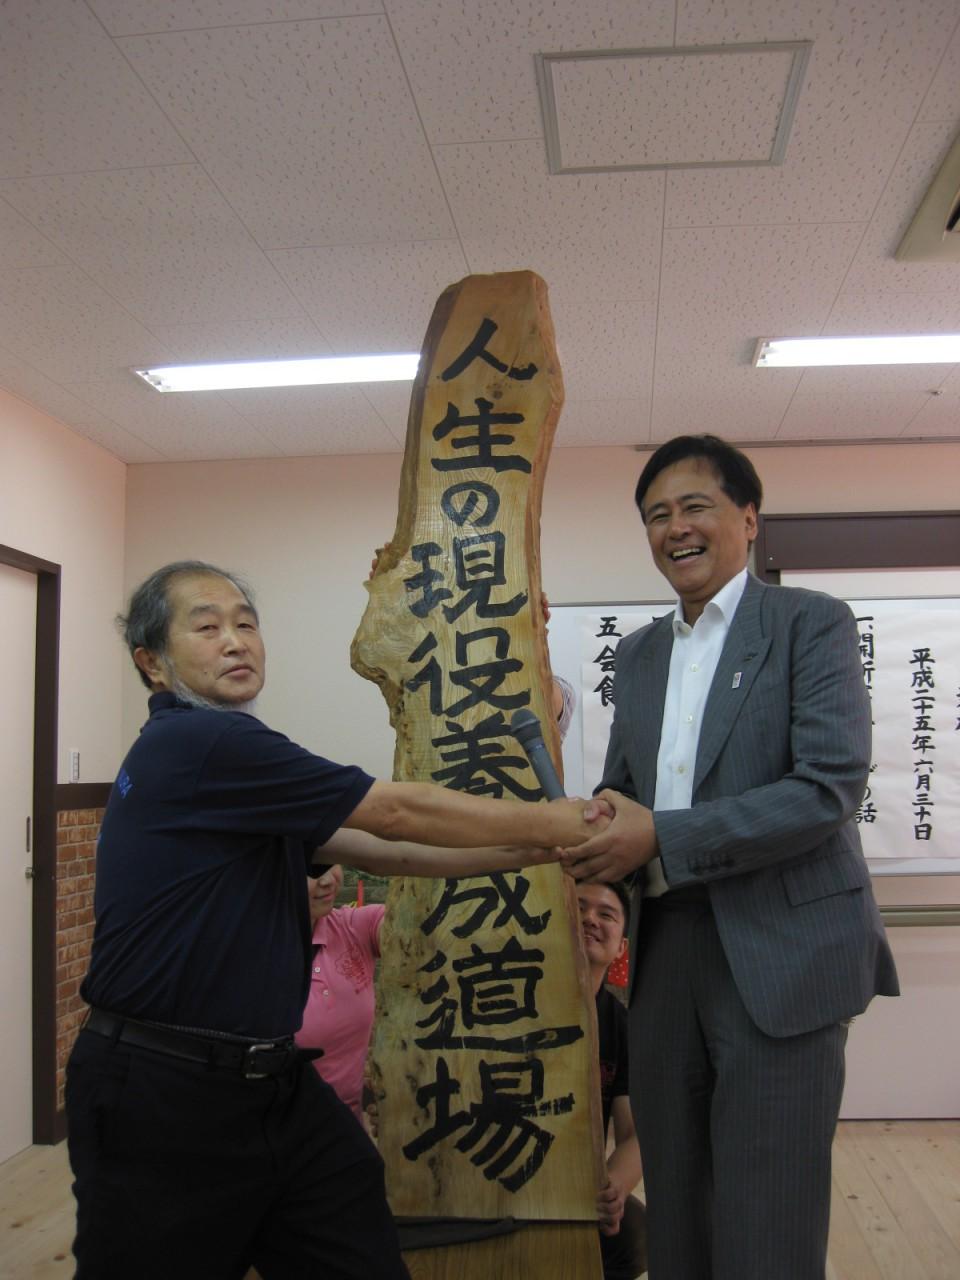 銘板を自筆した保坂世田谷区長と事業者の藤原理事長